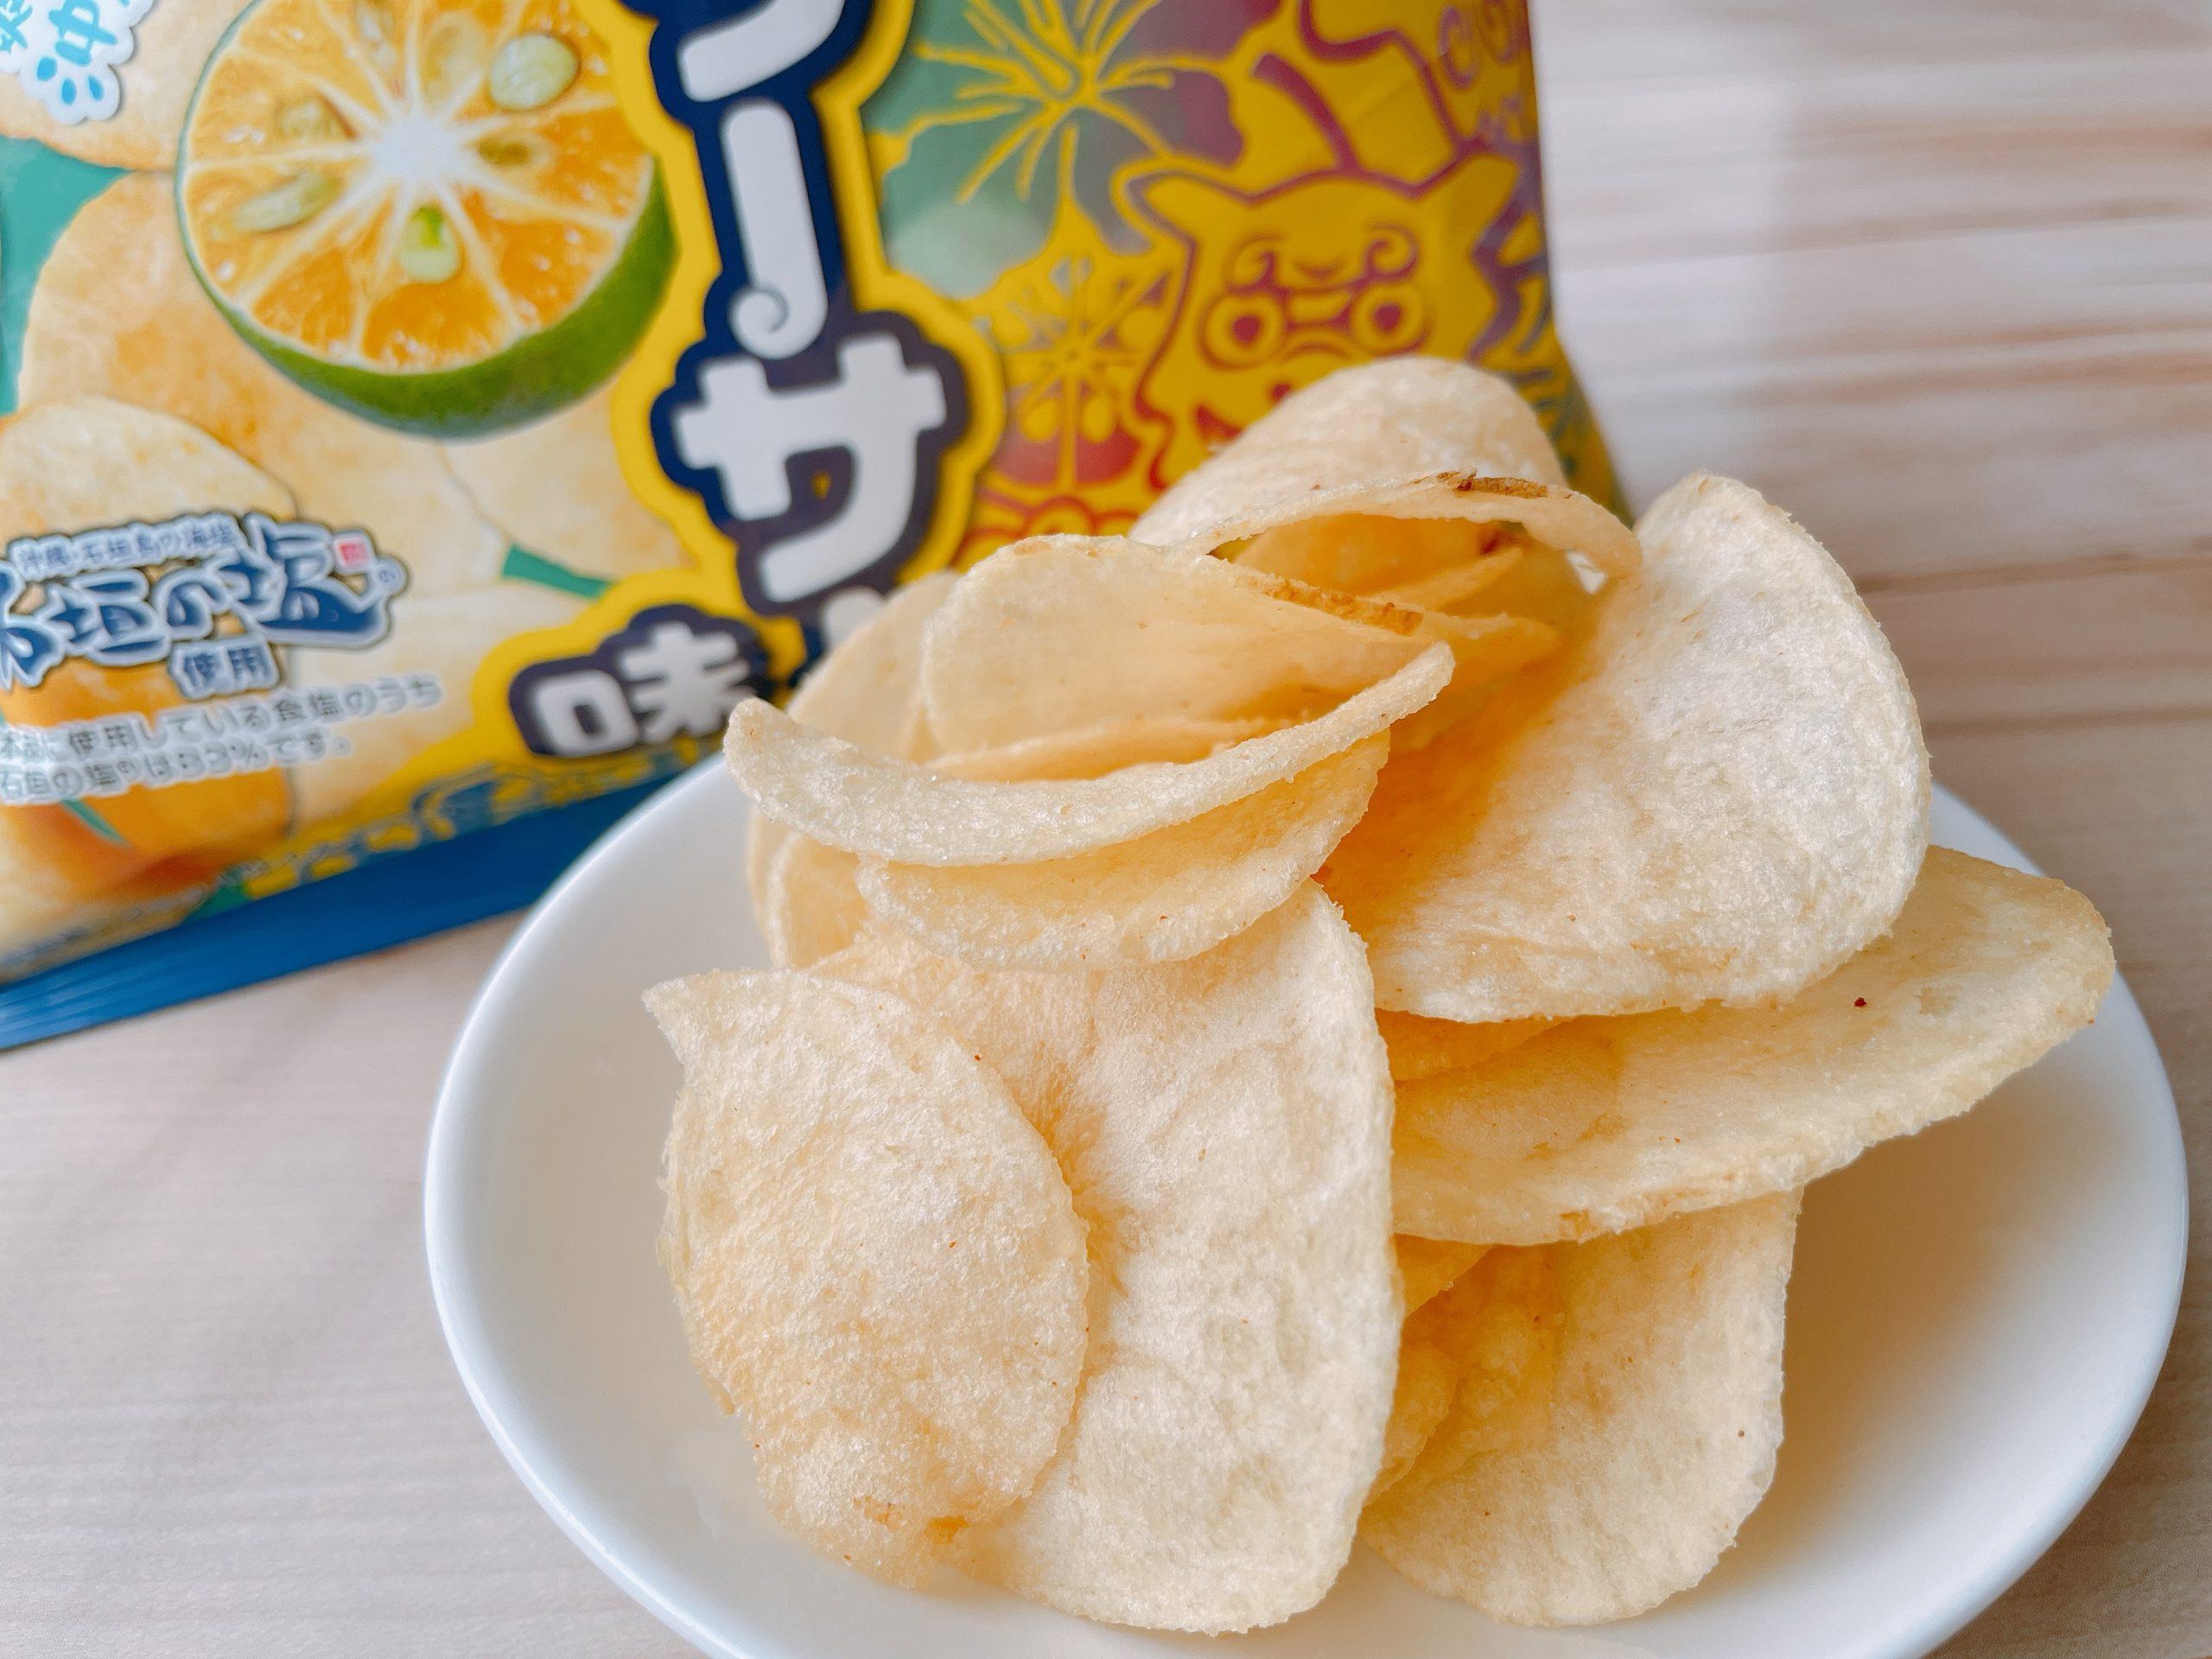 ポテトチップス<シークワーサー味>は、ゆったり食べられる味